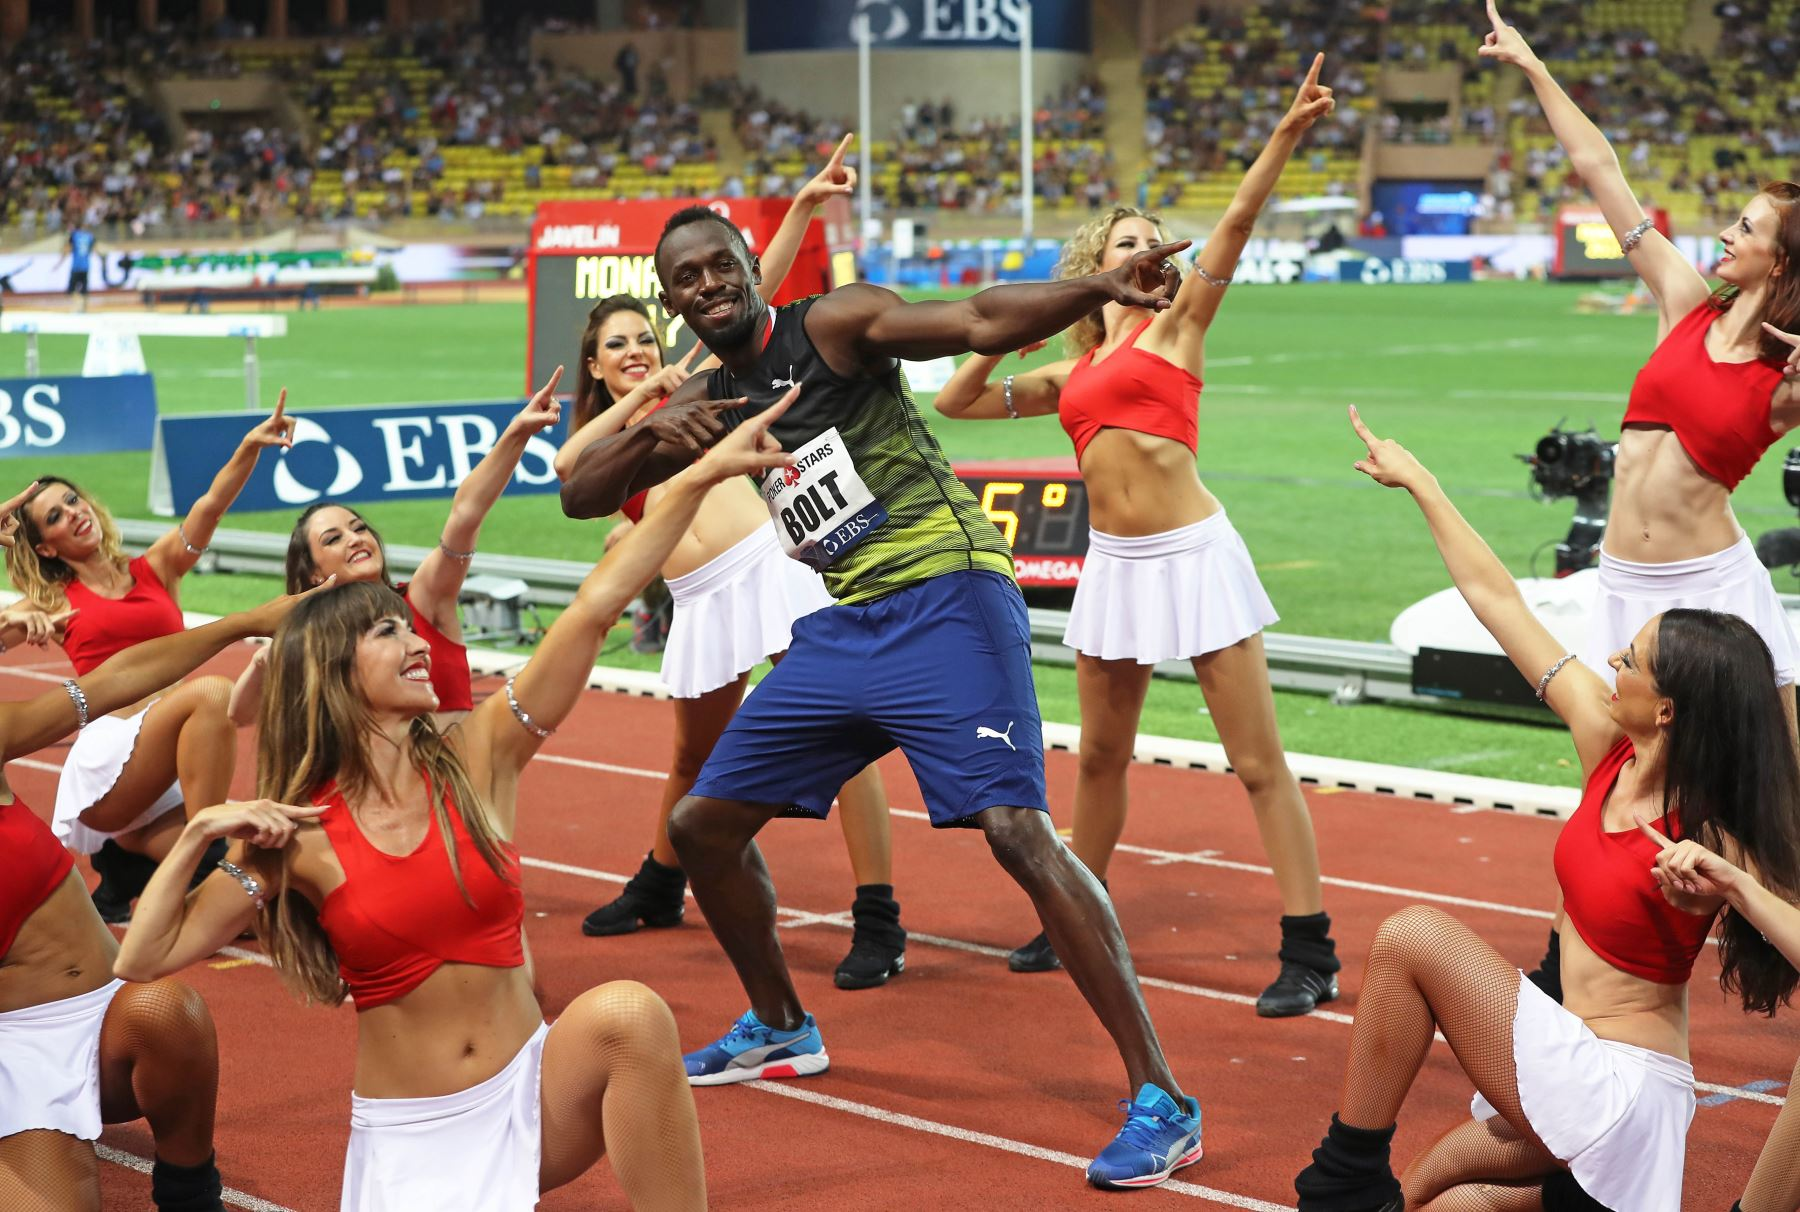 El jamaicano Usain Bolt, celebra en la reunión de atletismo en Mónaco. Foto: AFP